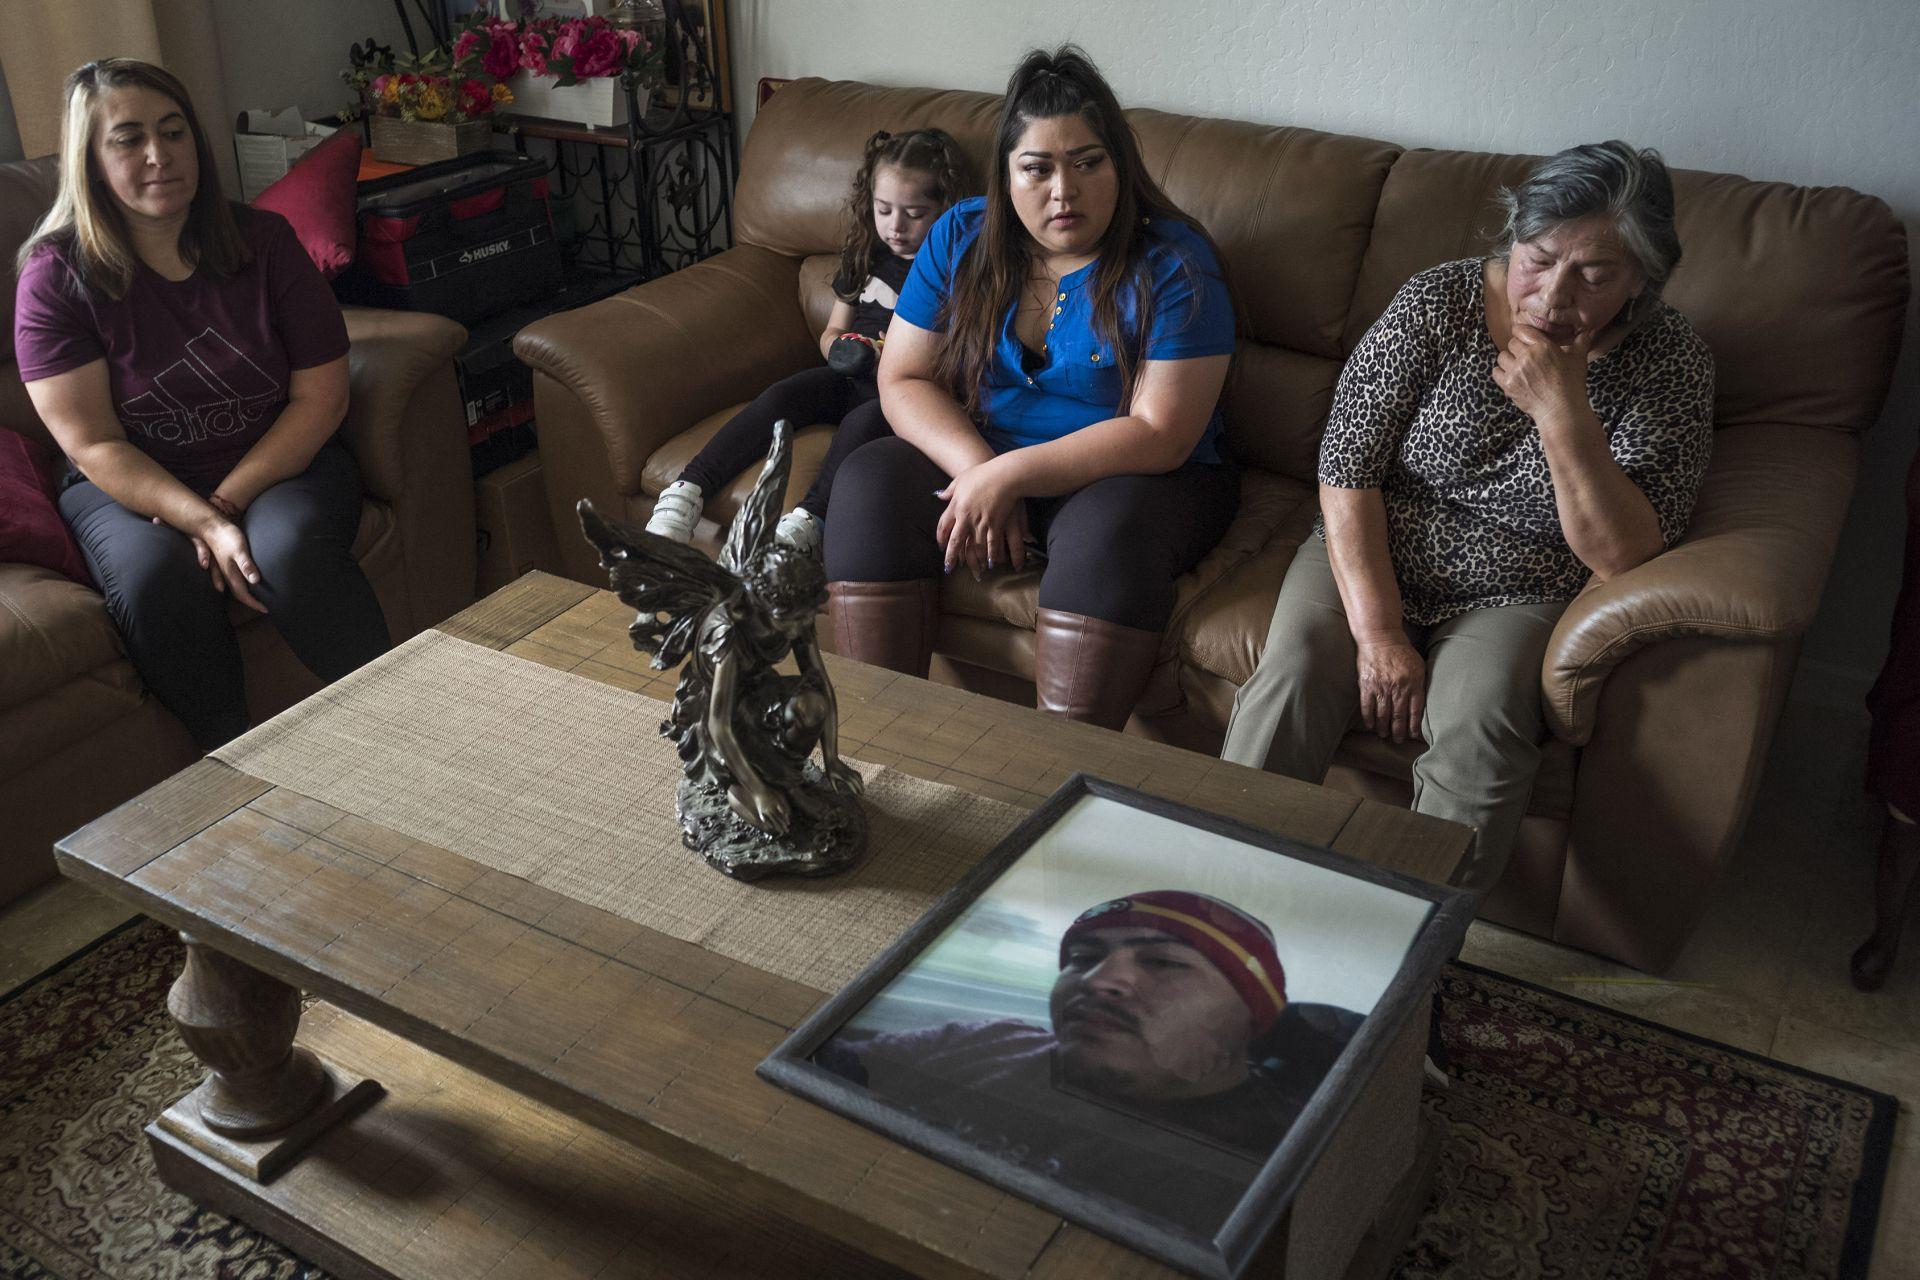 11 юни 2021 г. Роднините на Джери Рамос стават емоционални, когато гледат негова снимка в семейния дом в Уотсънвил, Калифорния. Рамос почина на 15 февруари на 32-годишна възраст, ставайки един от около 600 000 американци, които са жертви на расово и етническо насилие.